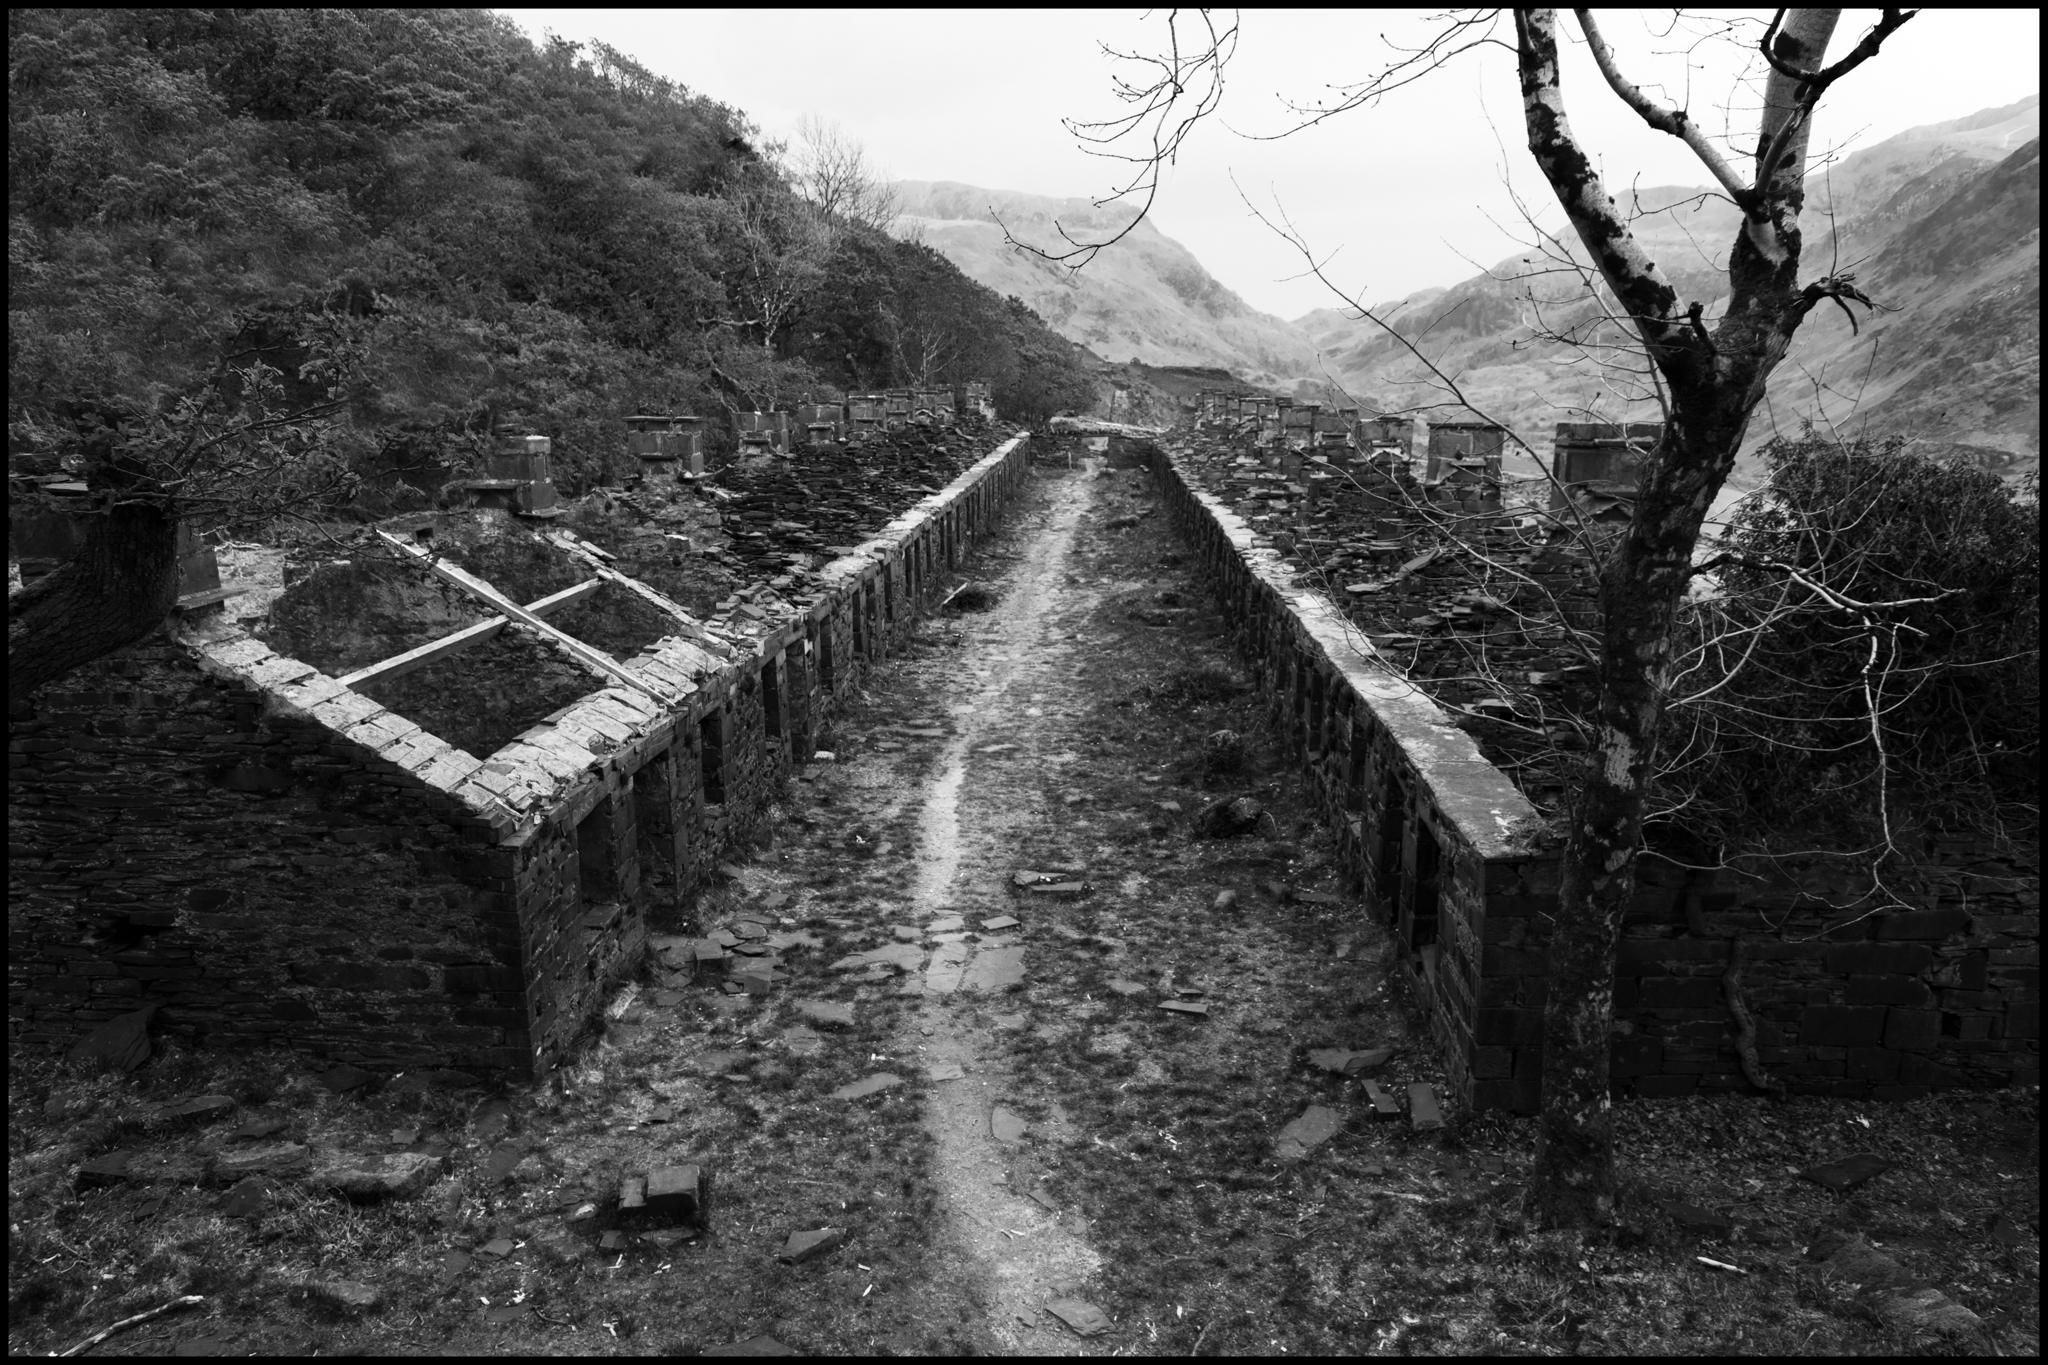 26 May 2019 - Miners row, Llanberis Wales